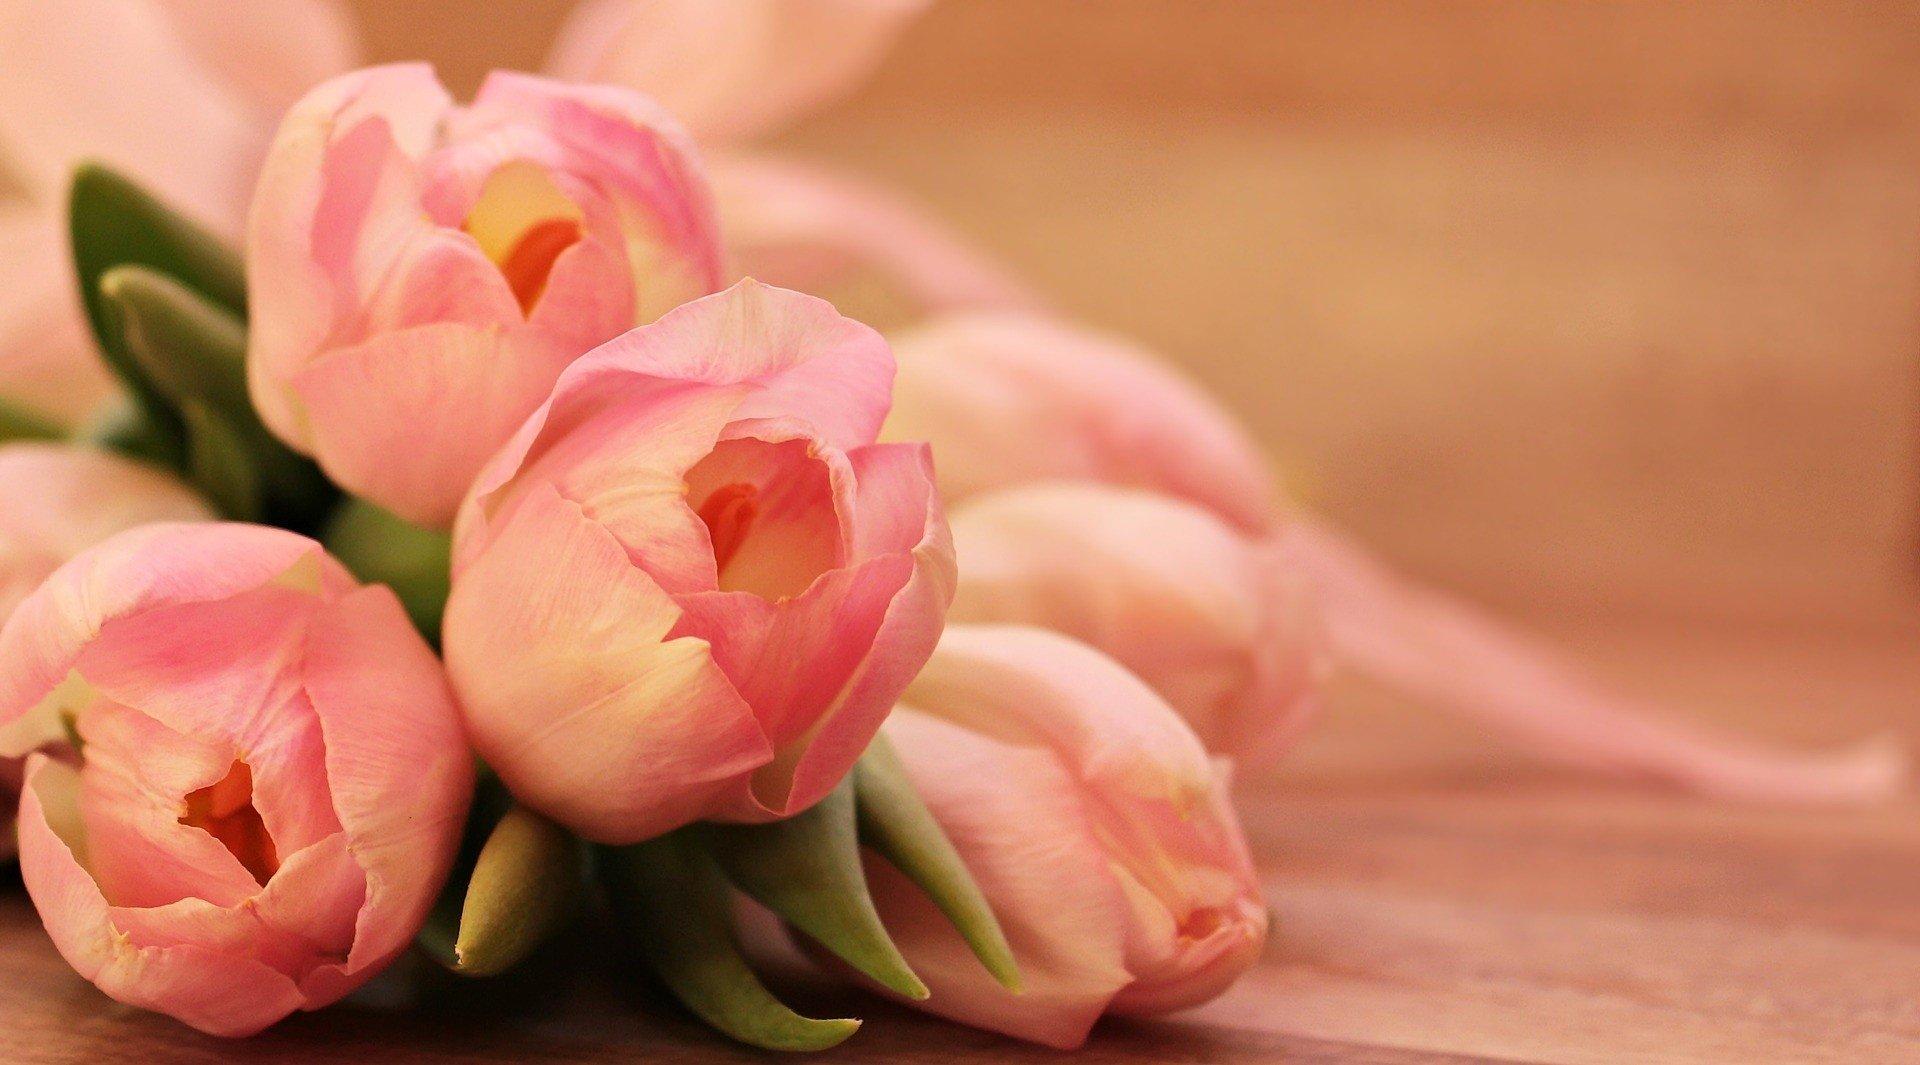 życzenia Na Dzień Matki 2018 Sms Piękne Krótkie Poważne